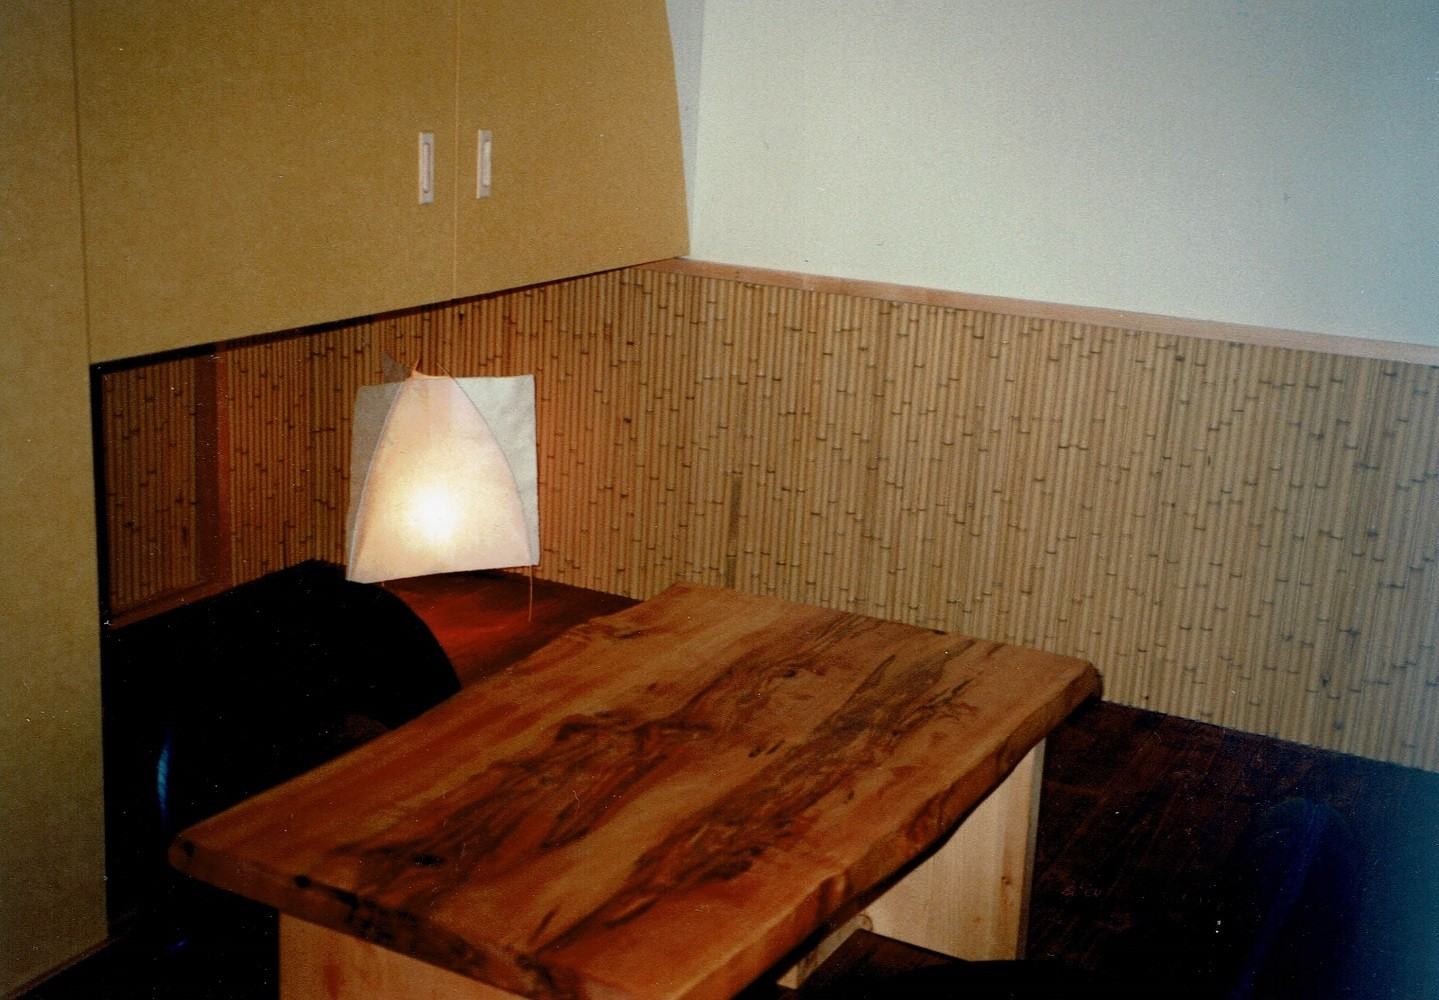 その他事例:個室(広く魅せる工夫を凝らす狭小住宅:鉄骨構造の小さい住宅)